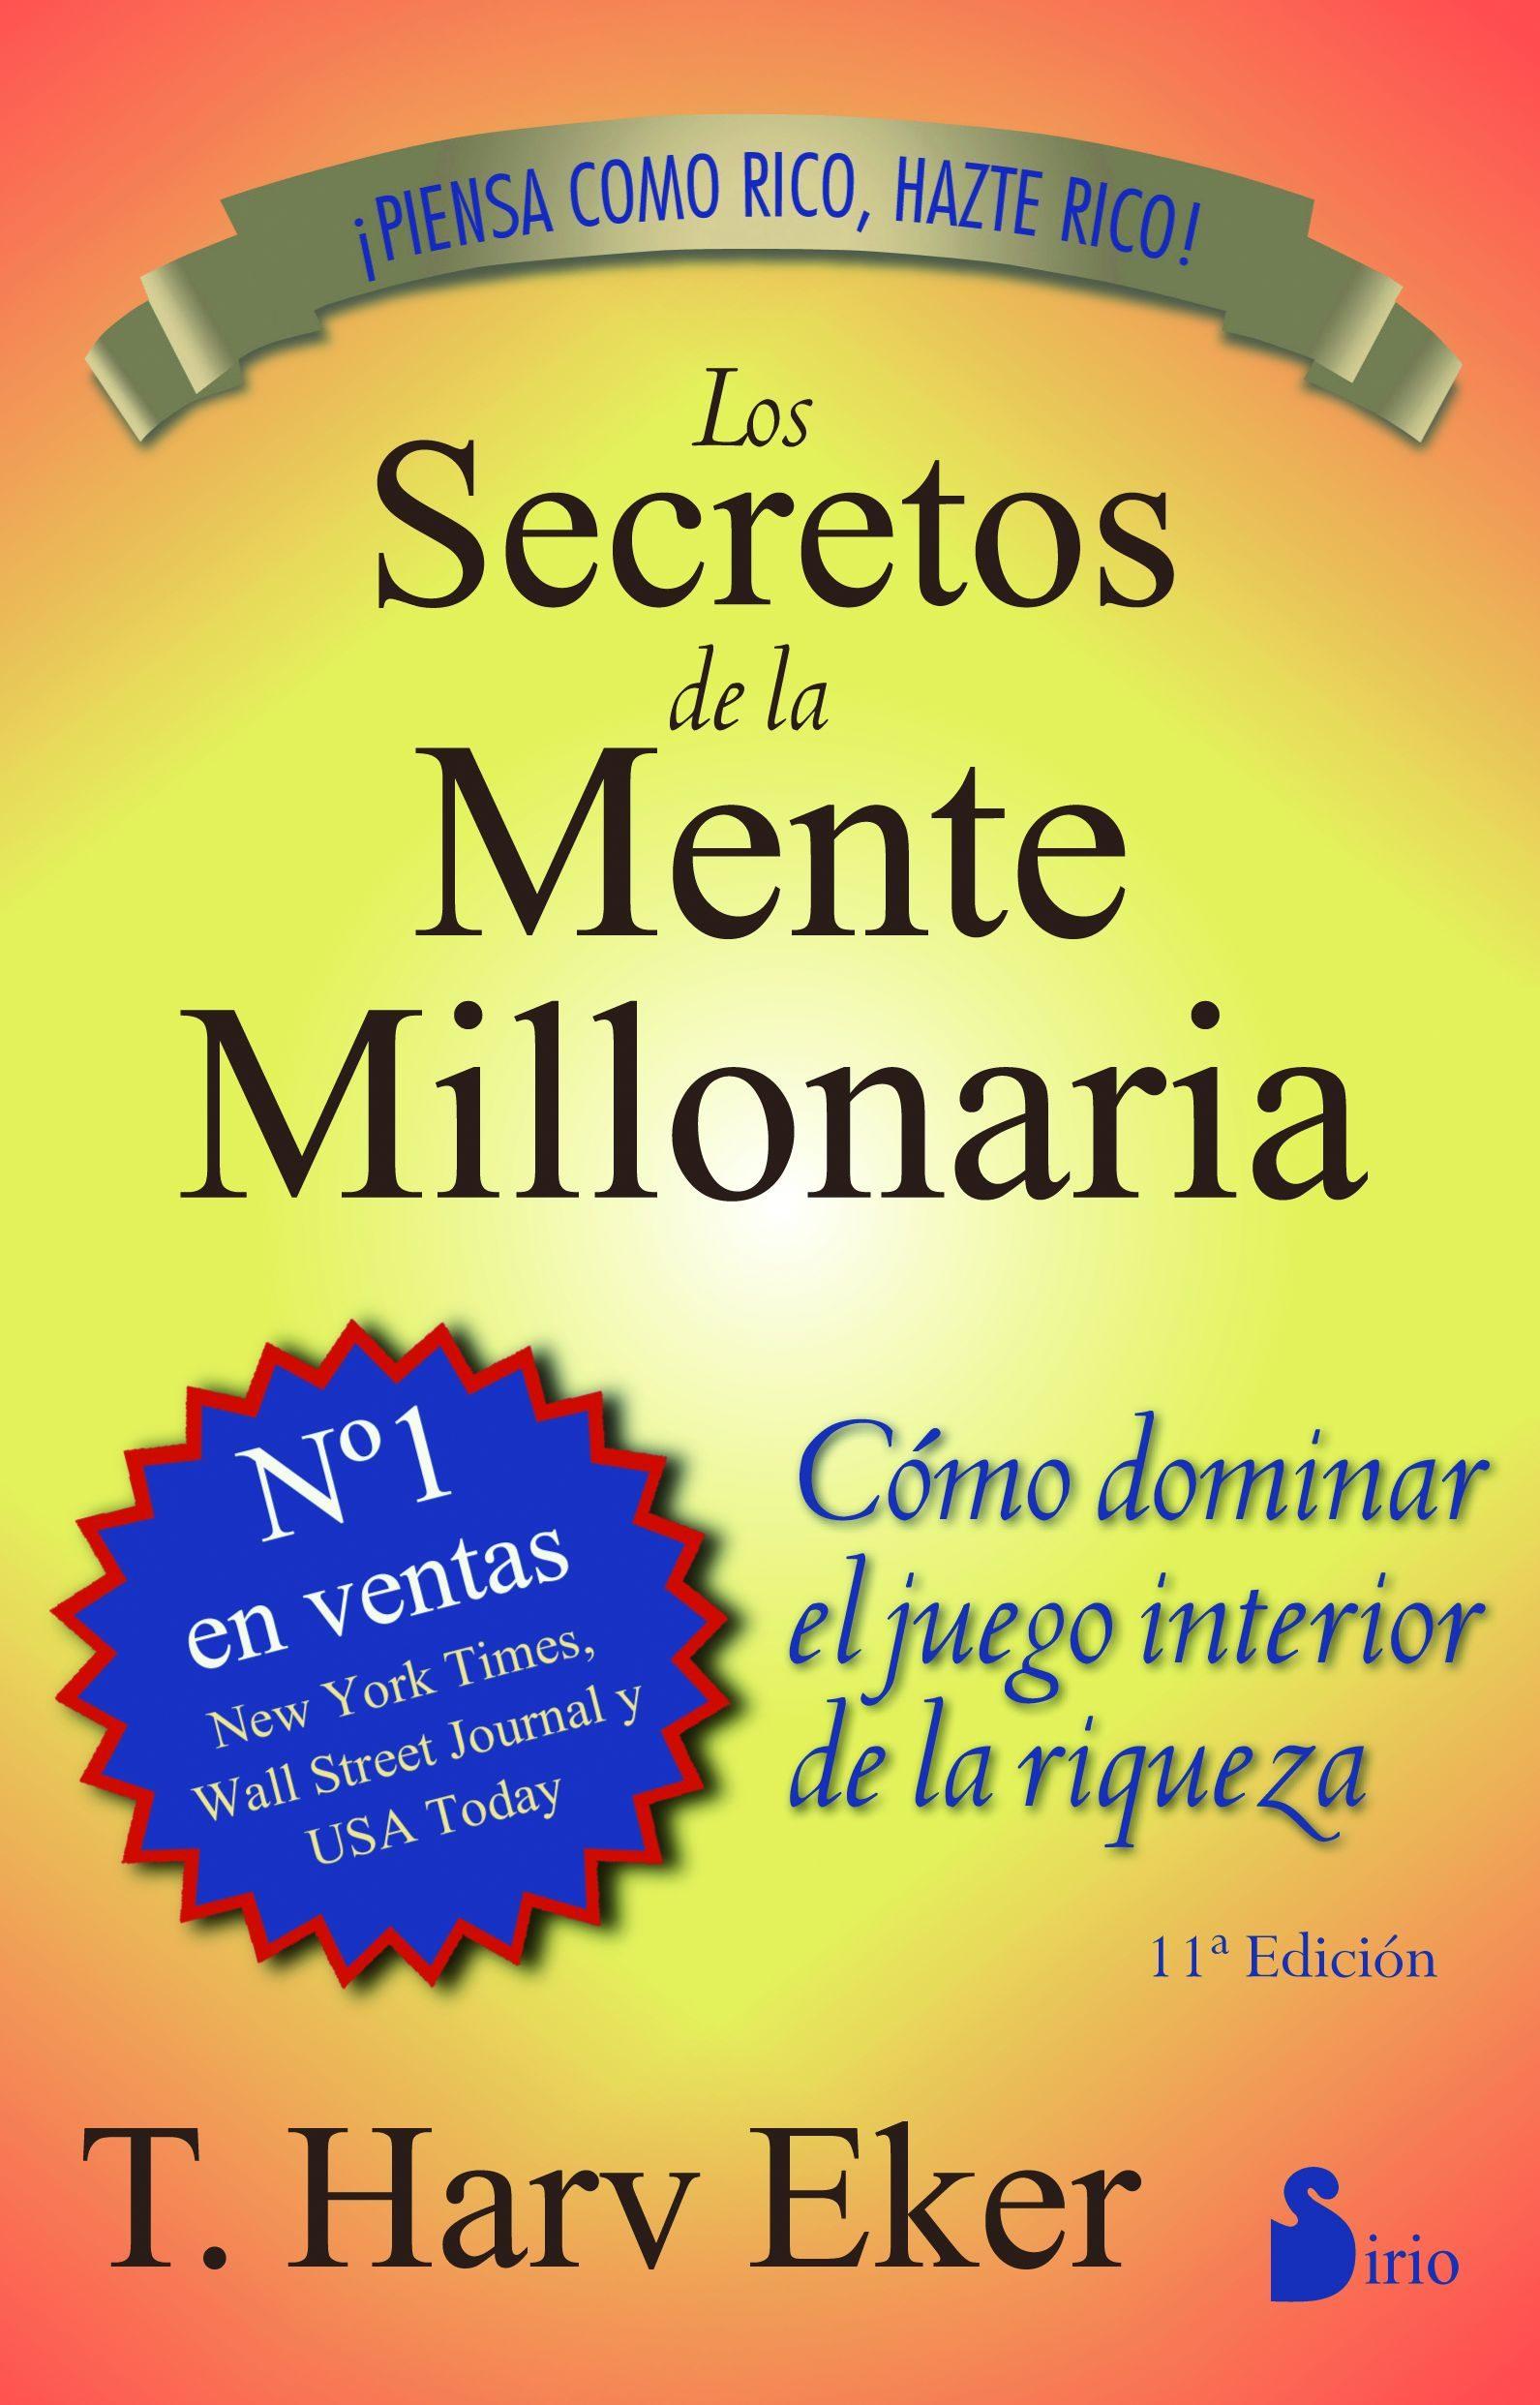 LOS SECRETOS DE LA MENTE MILLONARIA (EDICION ESPECIAL) | T. HARV ...